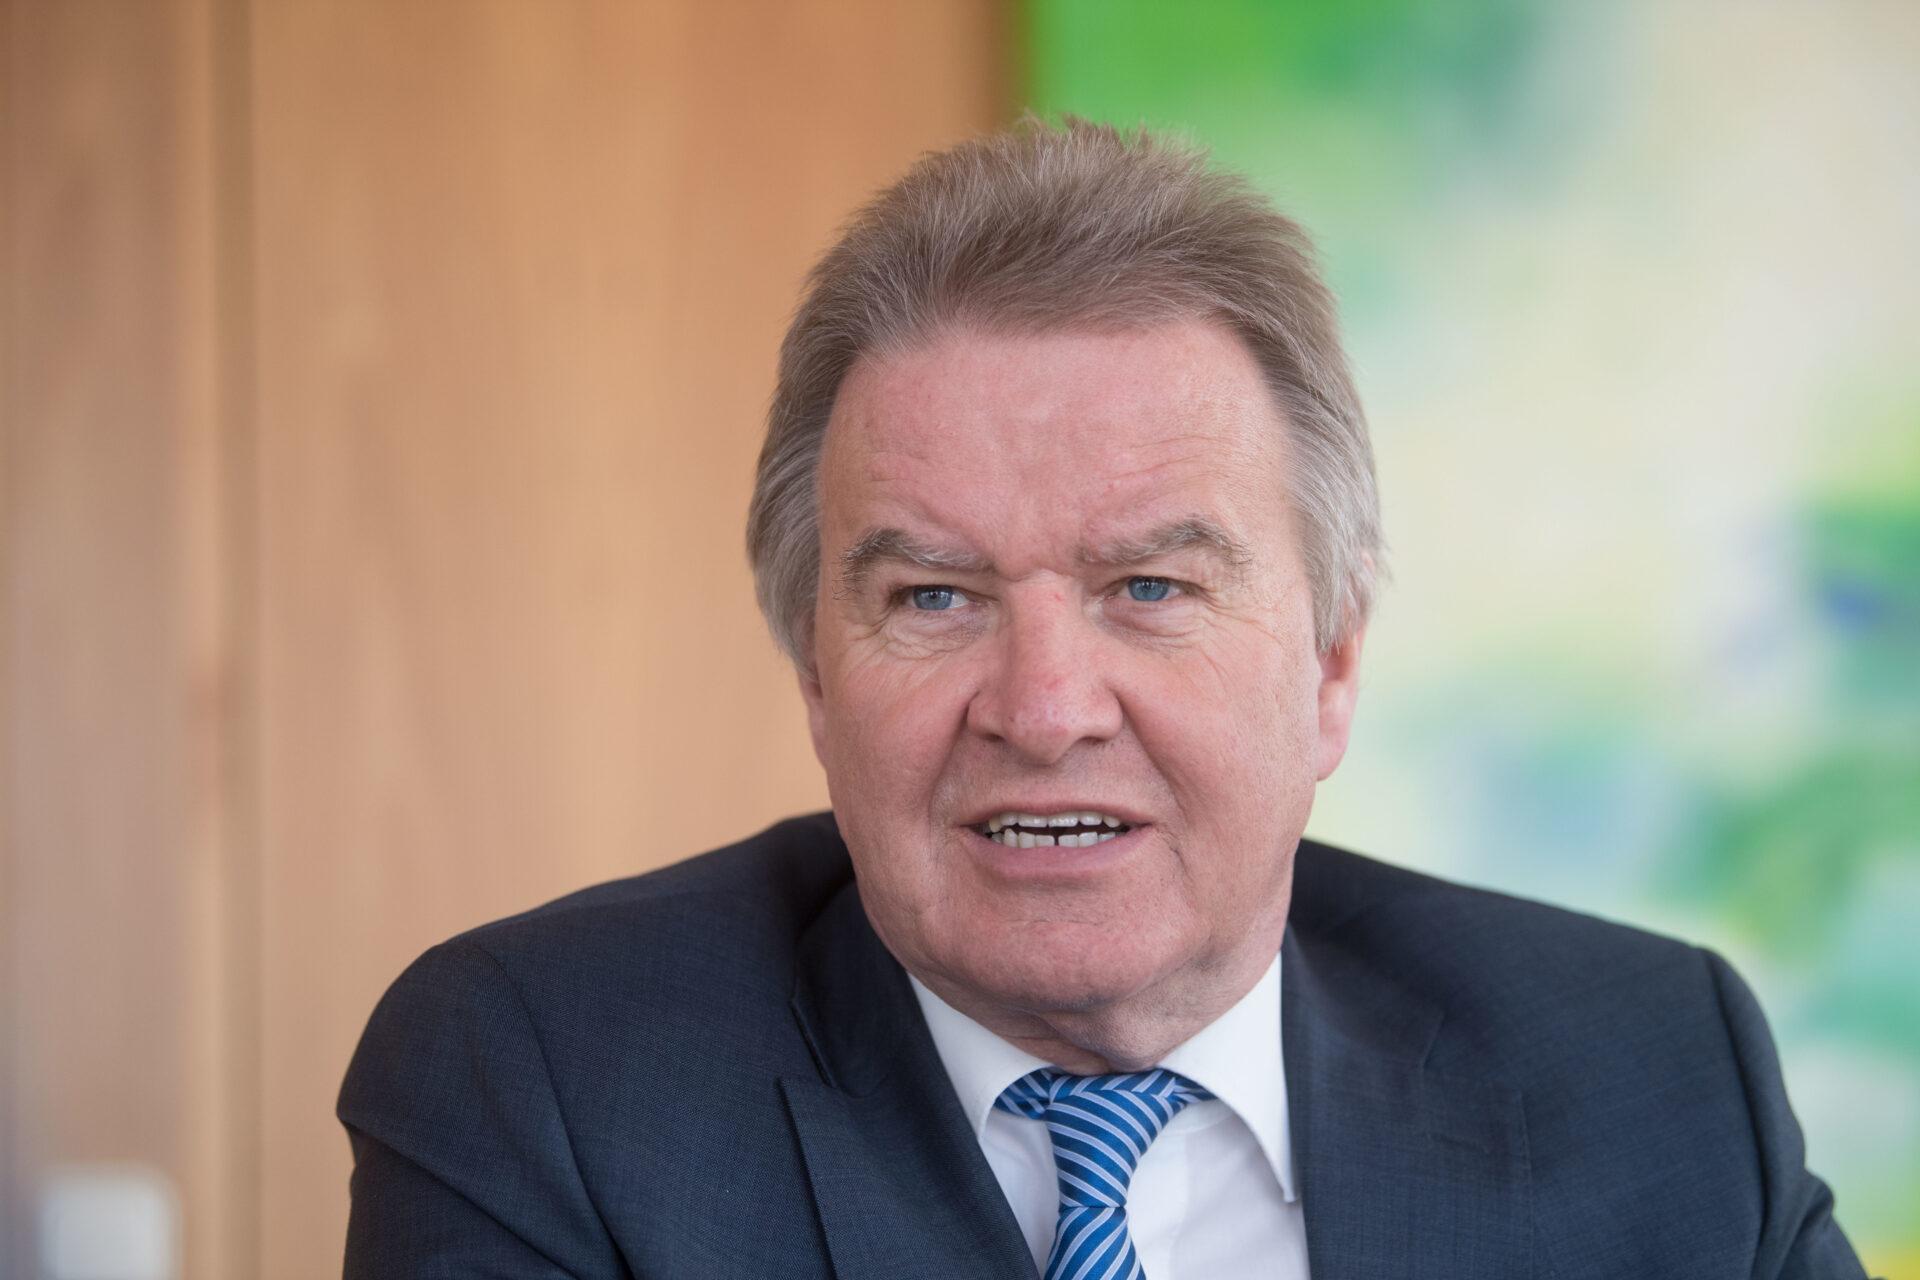 Baden-Württemberg: Grüner Umweltminister will Schlingenfallen einsetzen - WILD UND HUND